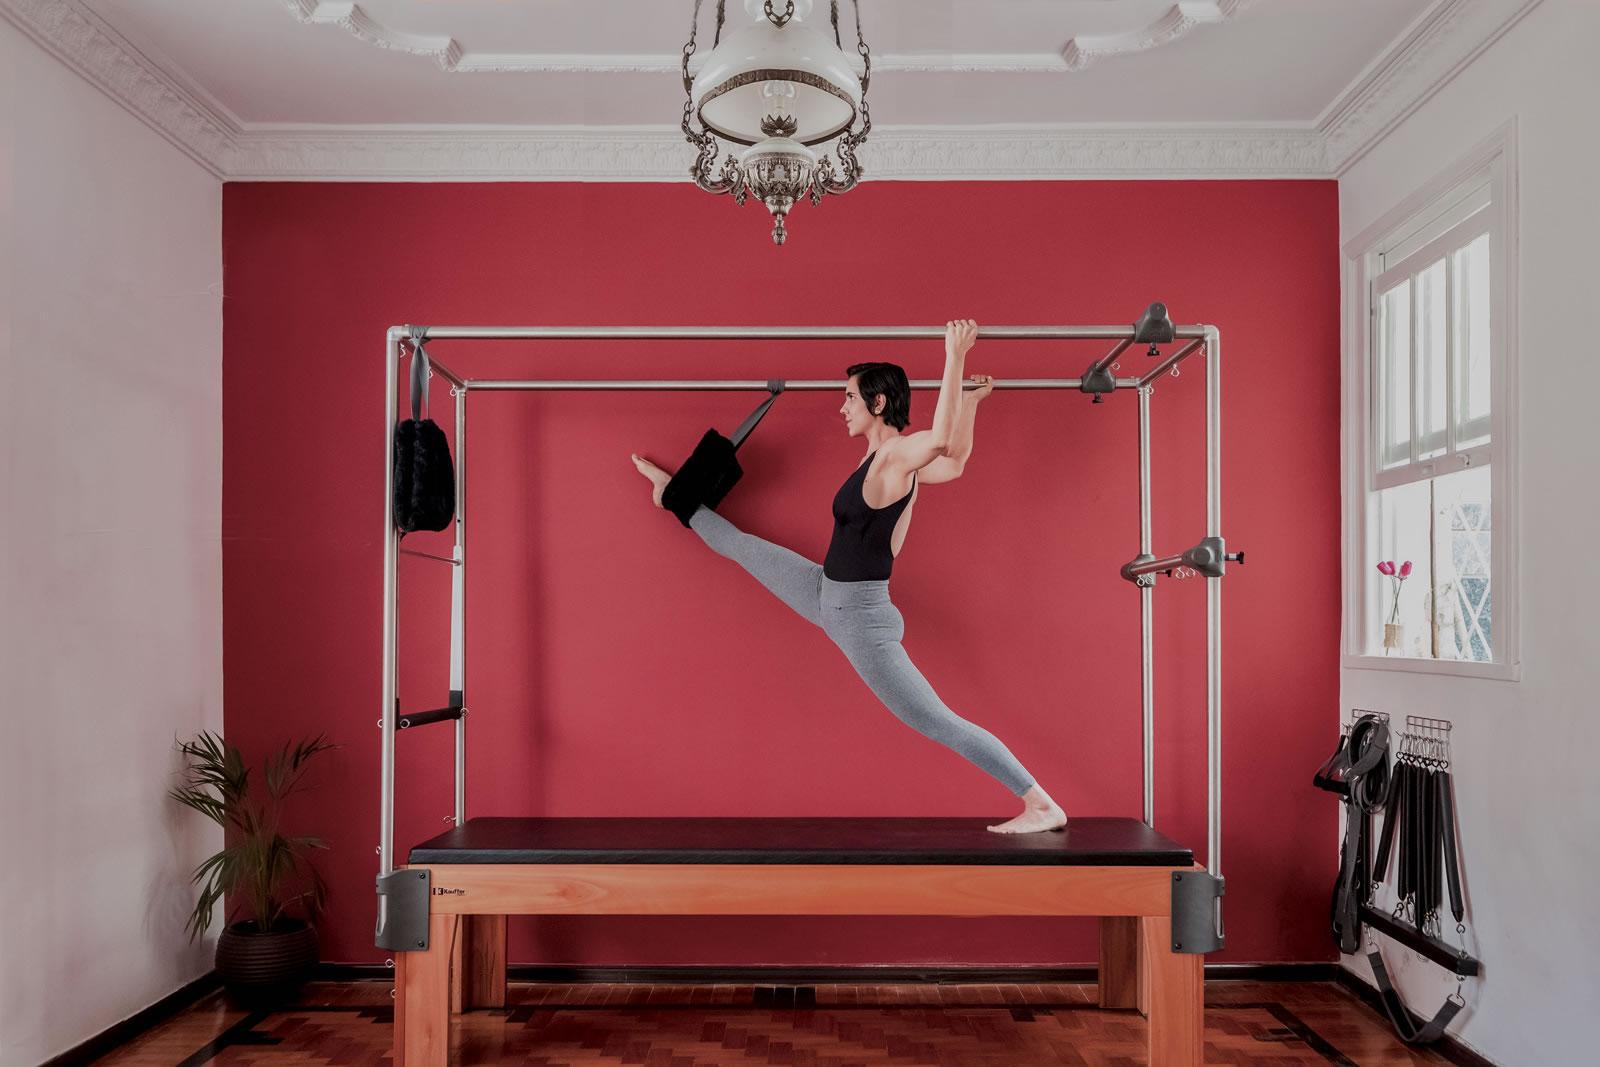 estudio-pilates-bairro-colegio-batista-banner-1